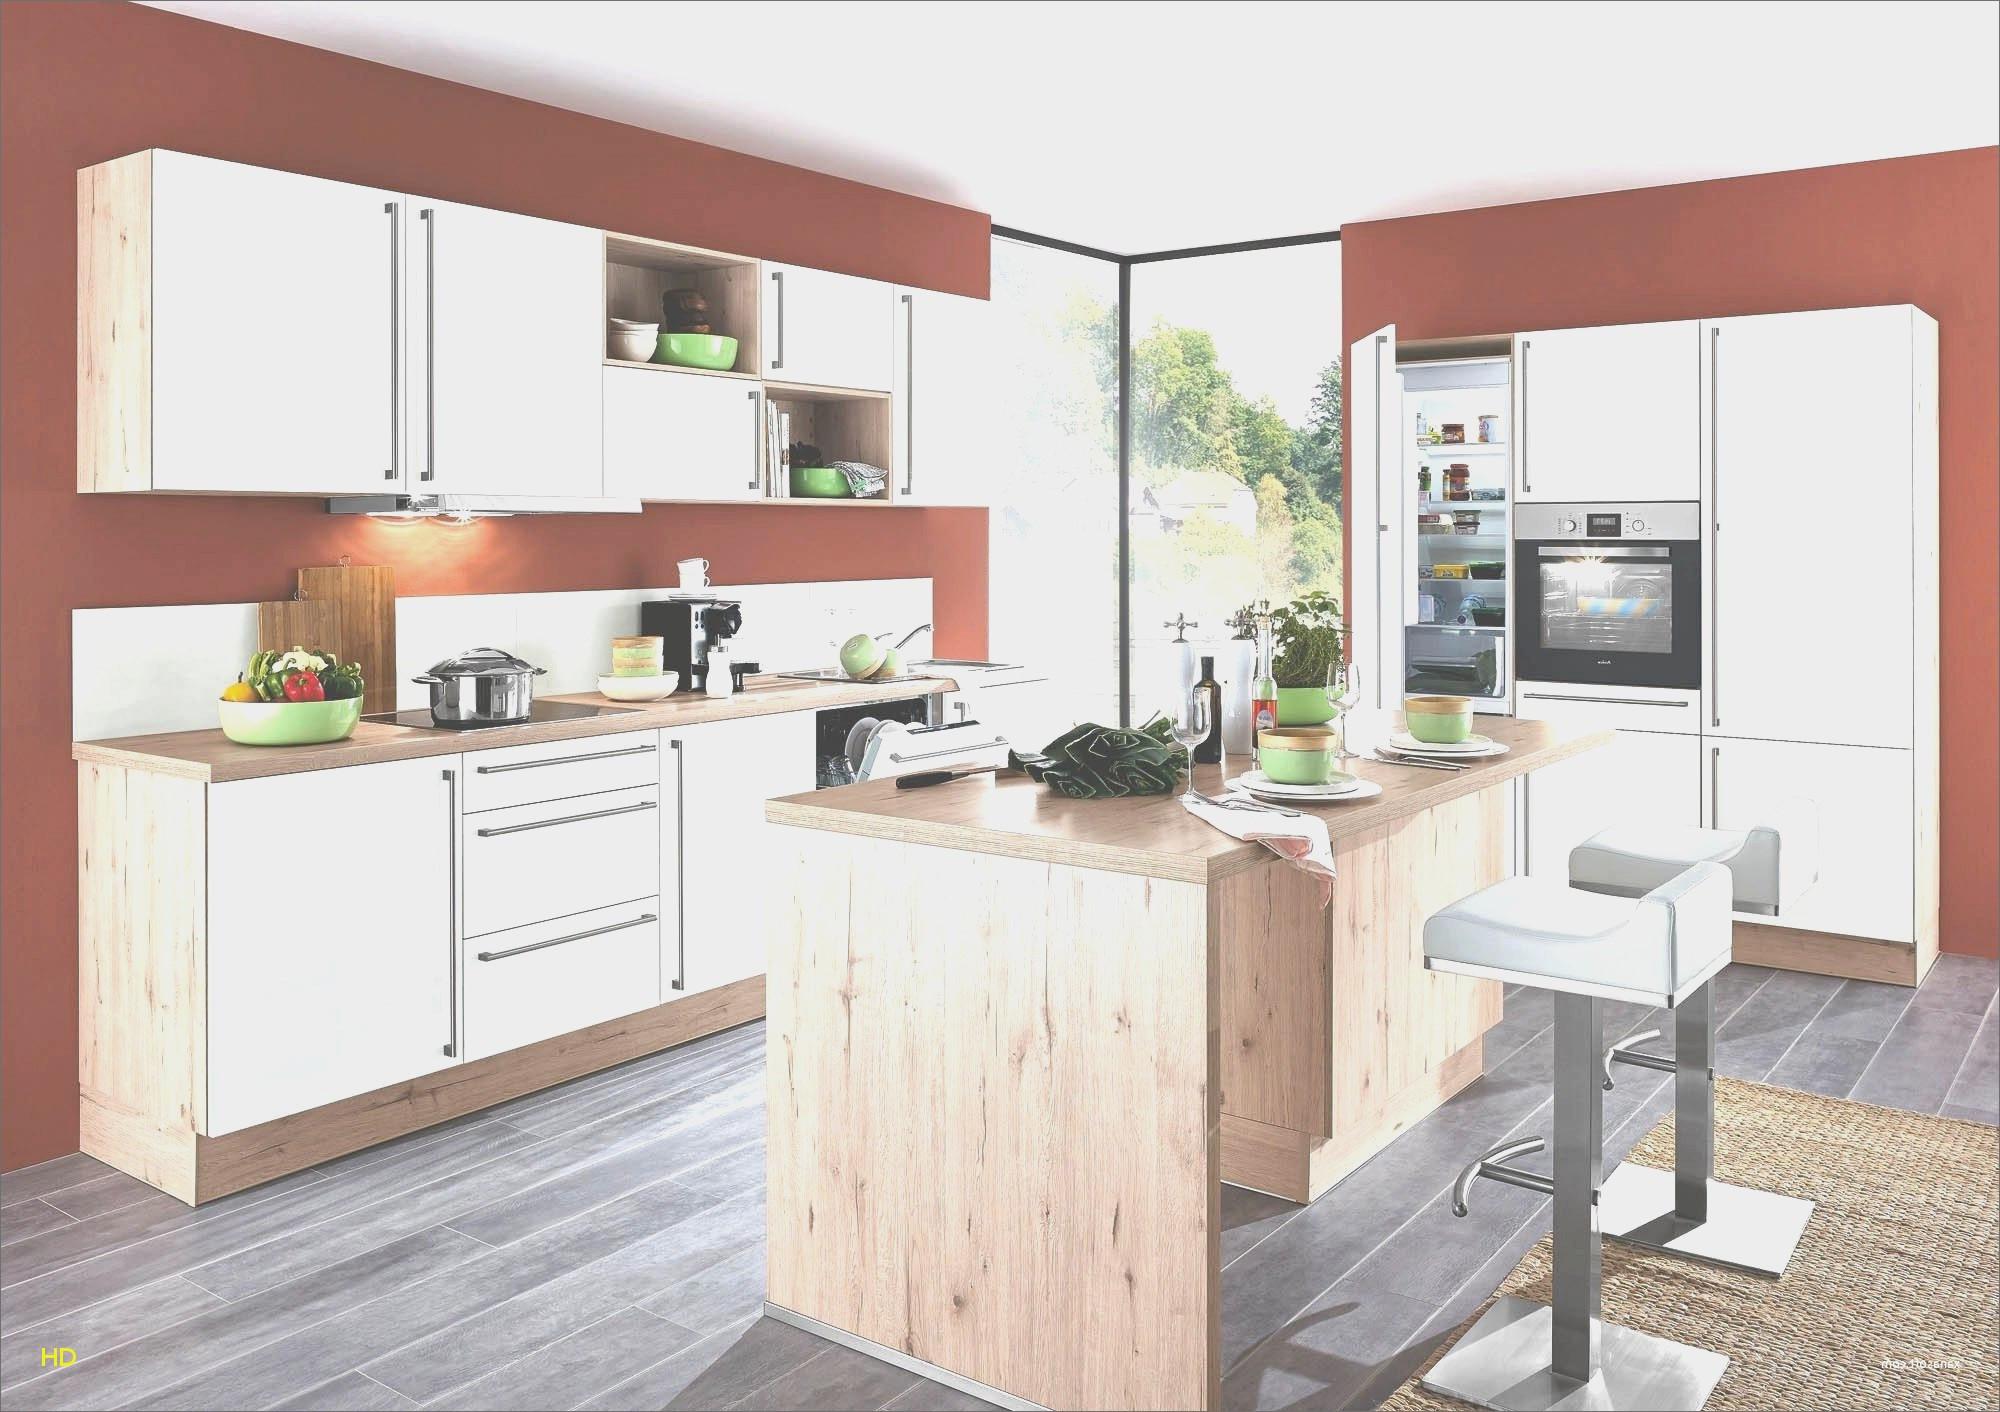 20 Der Besten Ideen Für Ebay Kleinanzeigen Küchen - Beste ...